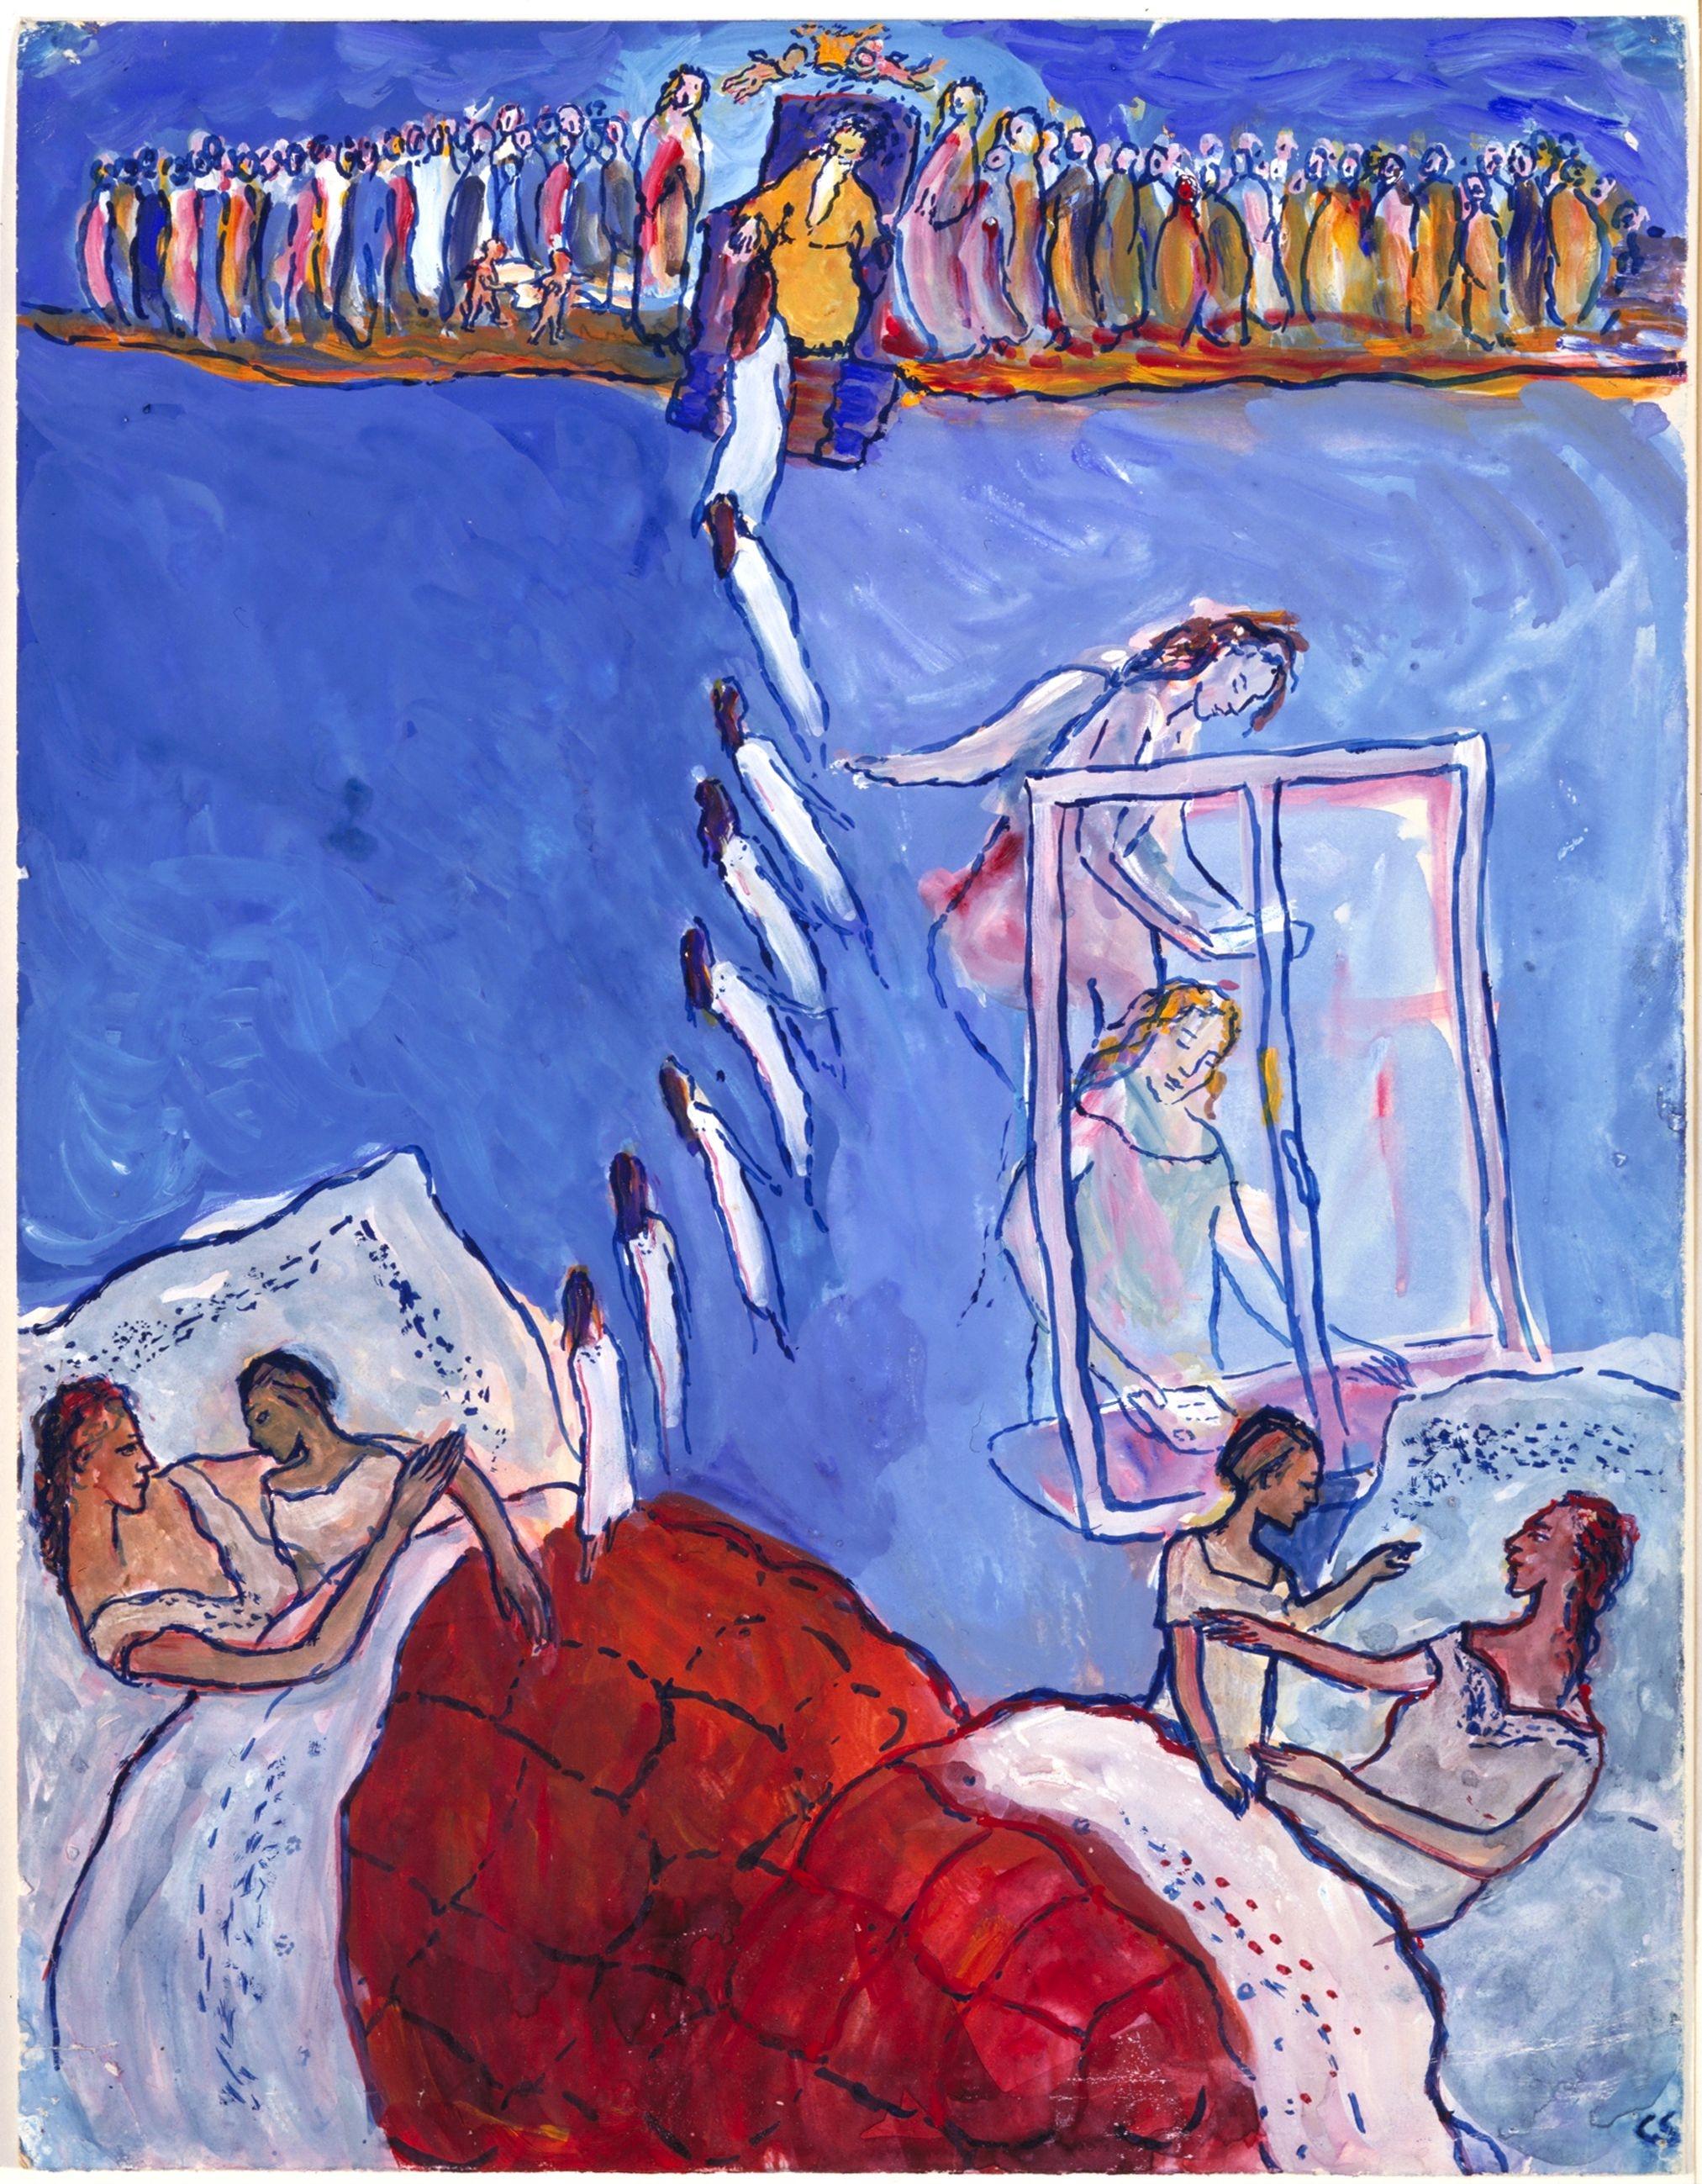 Charlotte Zusammen Mit Ihrer Mutter Franziska Im Bett. Das Bild Spielt Auf  Das Weihnachtslied Am Weihnachtsbaum Die Lichter Brennen An.